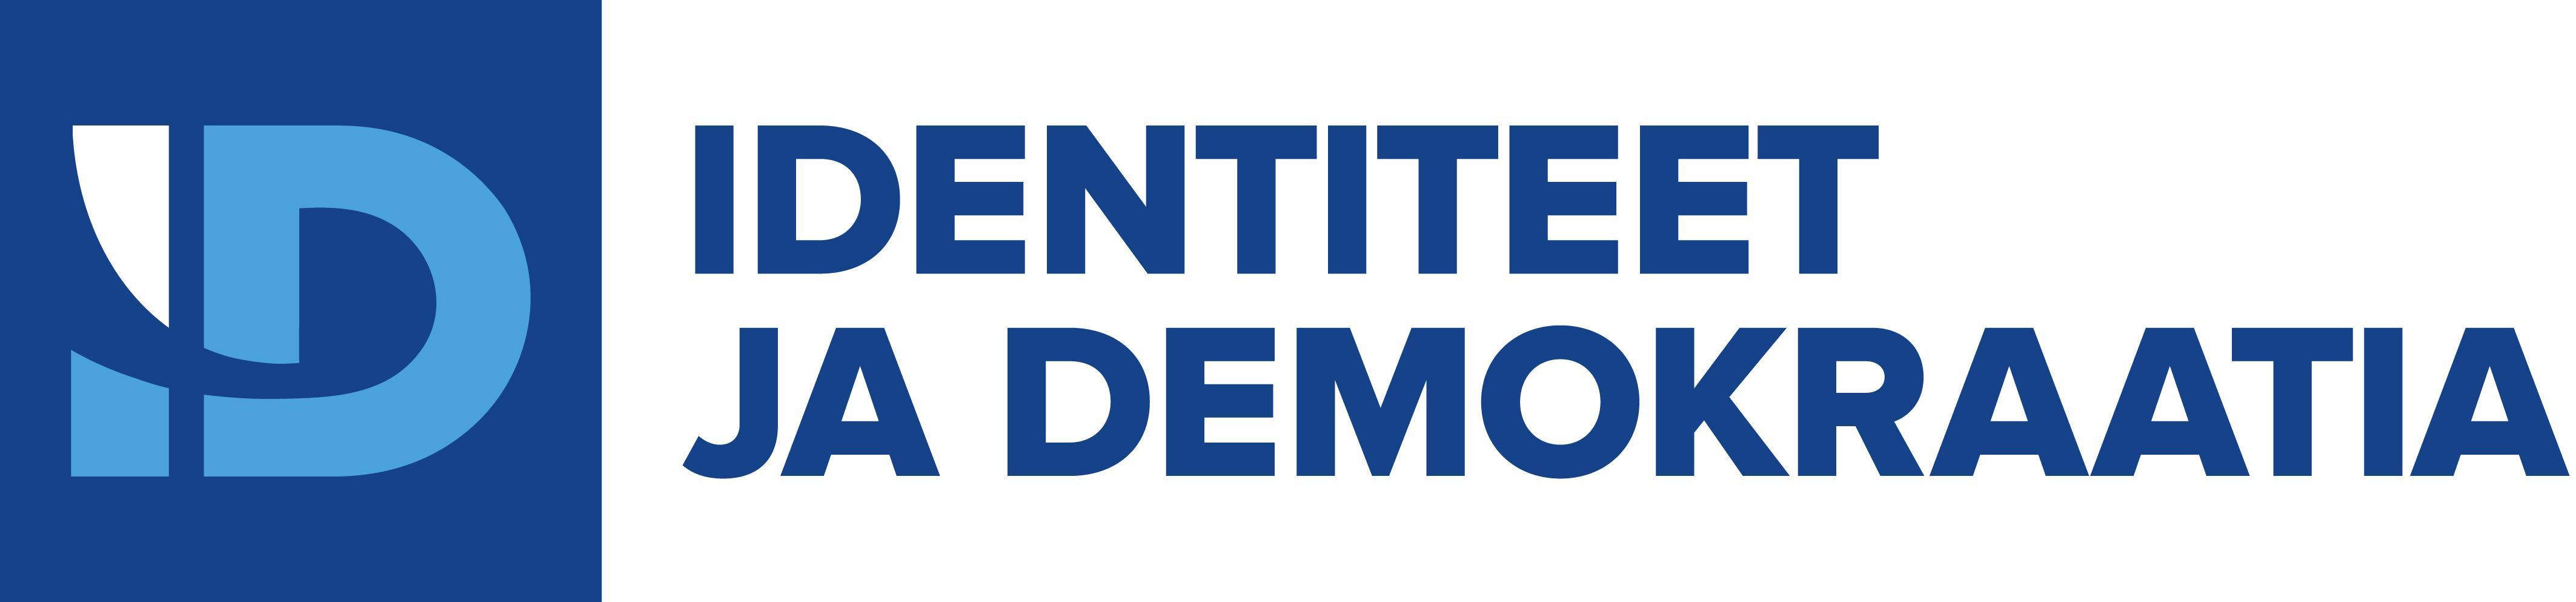 Identiteedi ja Demokraatia